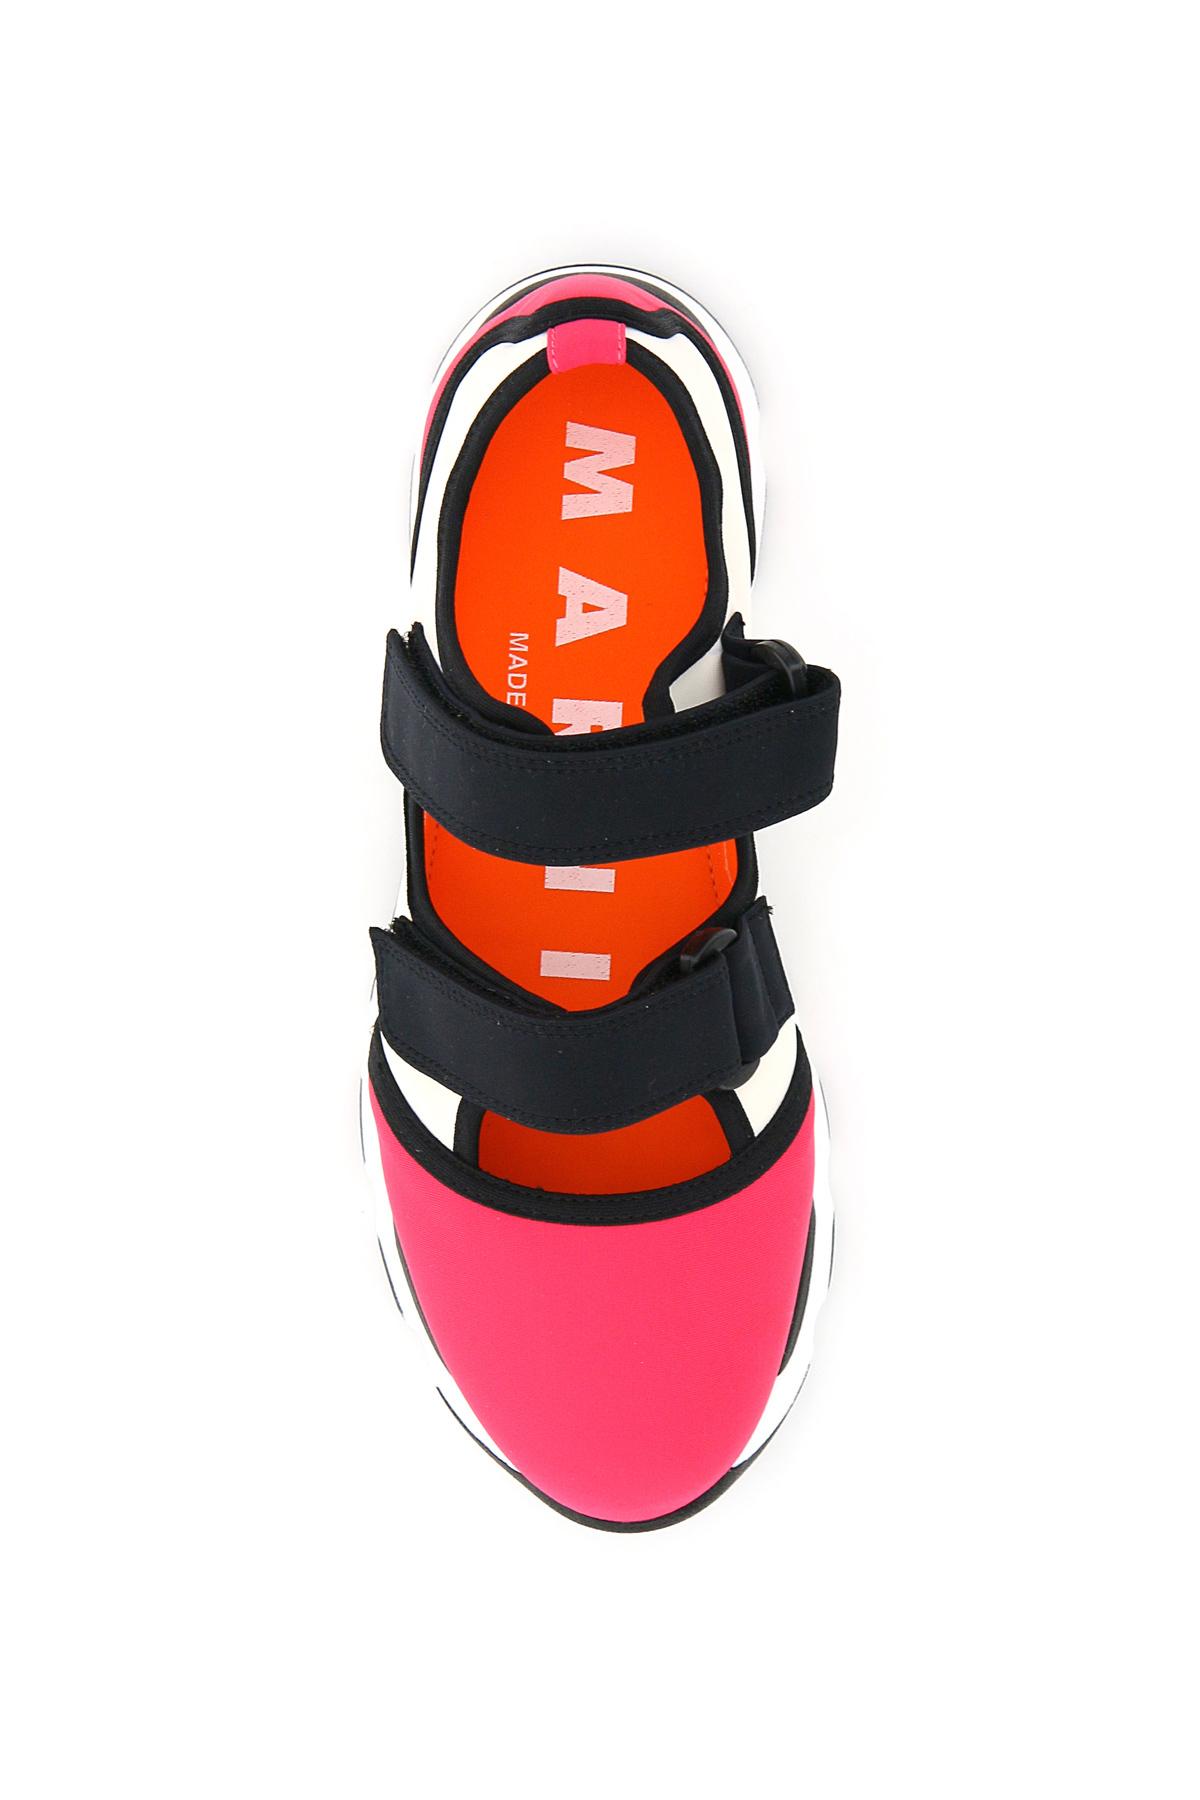 Marni sneakers multicolor double strap